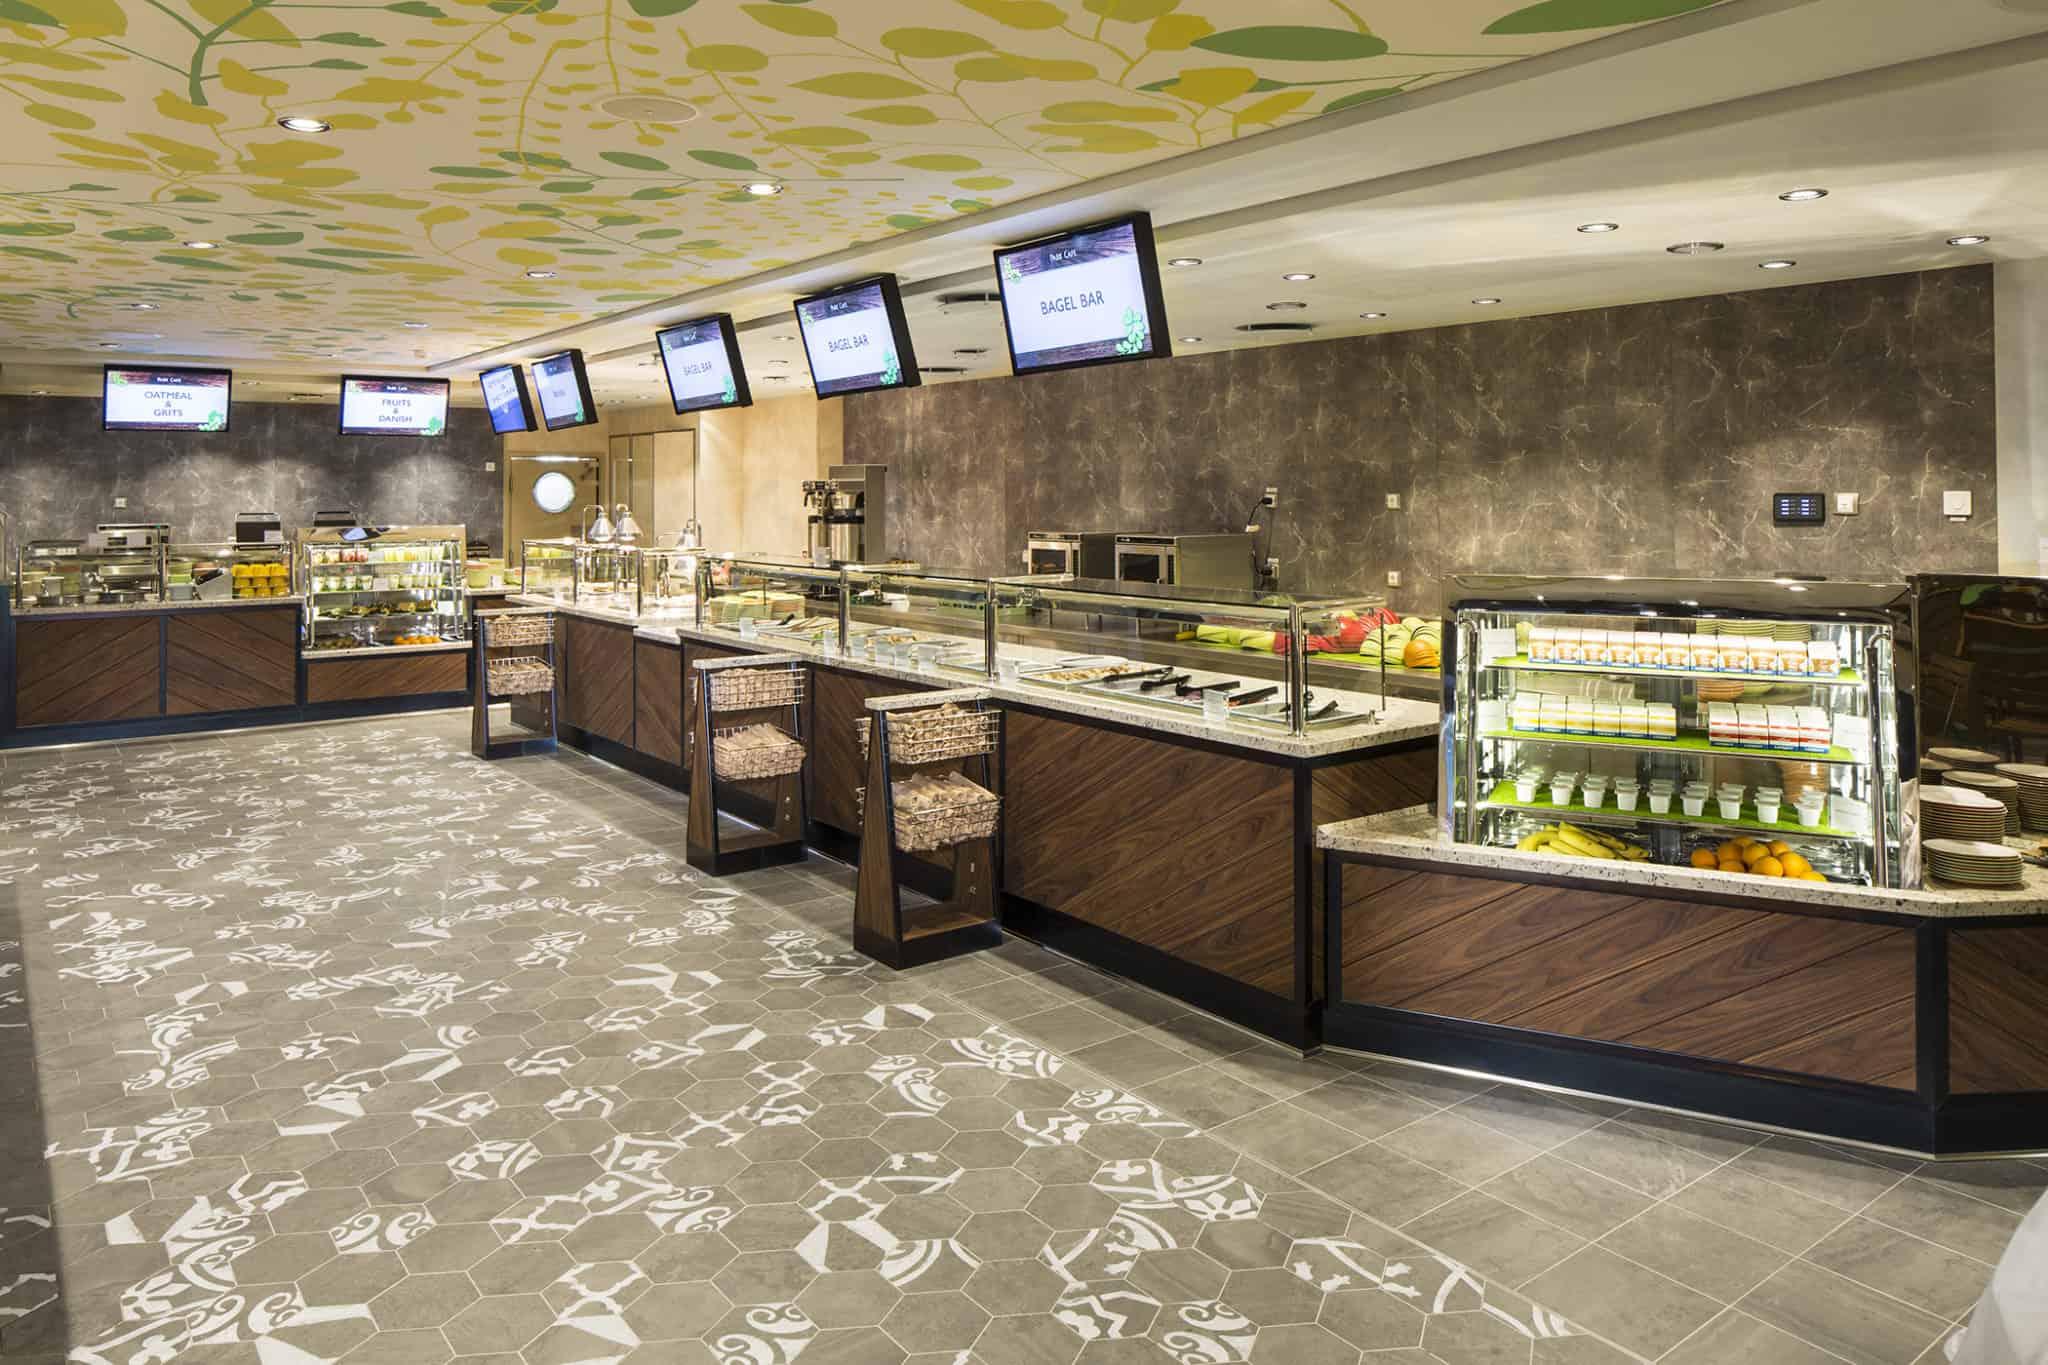 Park Cafe - Deck 8 Central Park Harmony of the Seas - Royal Caribbean International